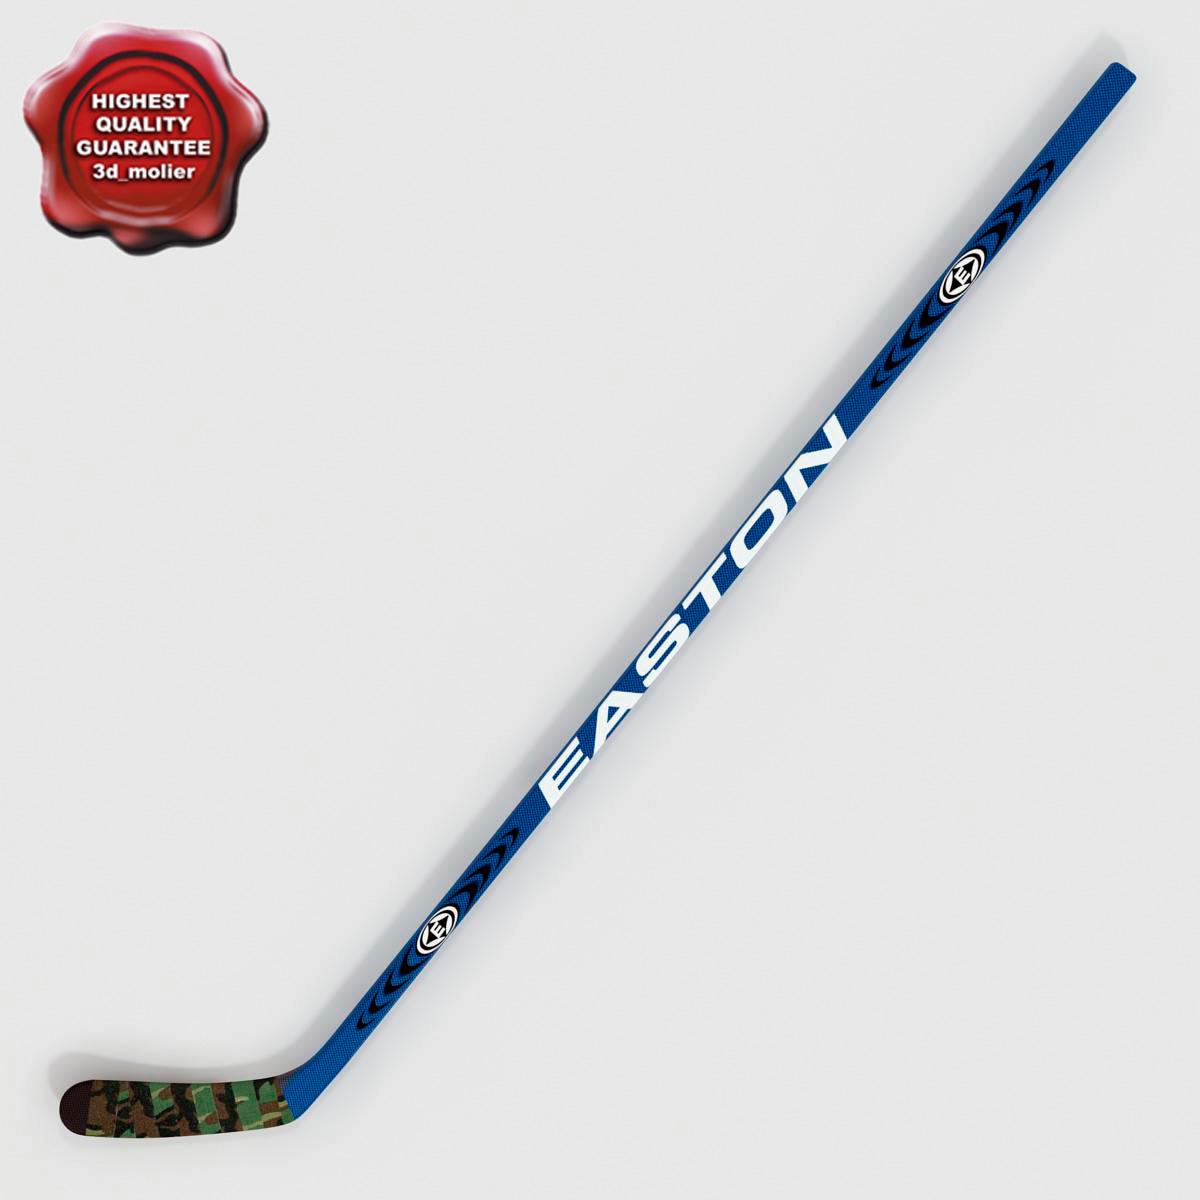 3d hockey stick v6